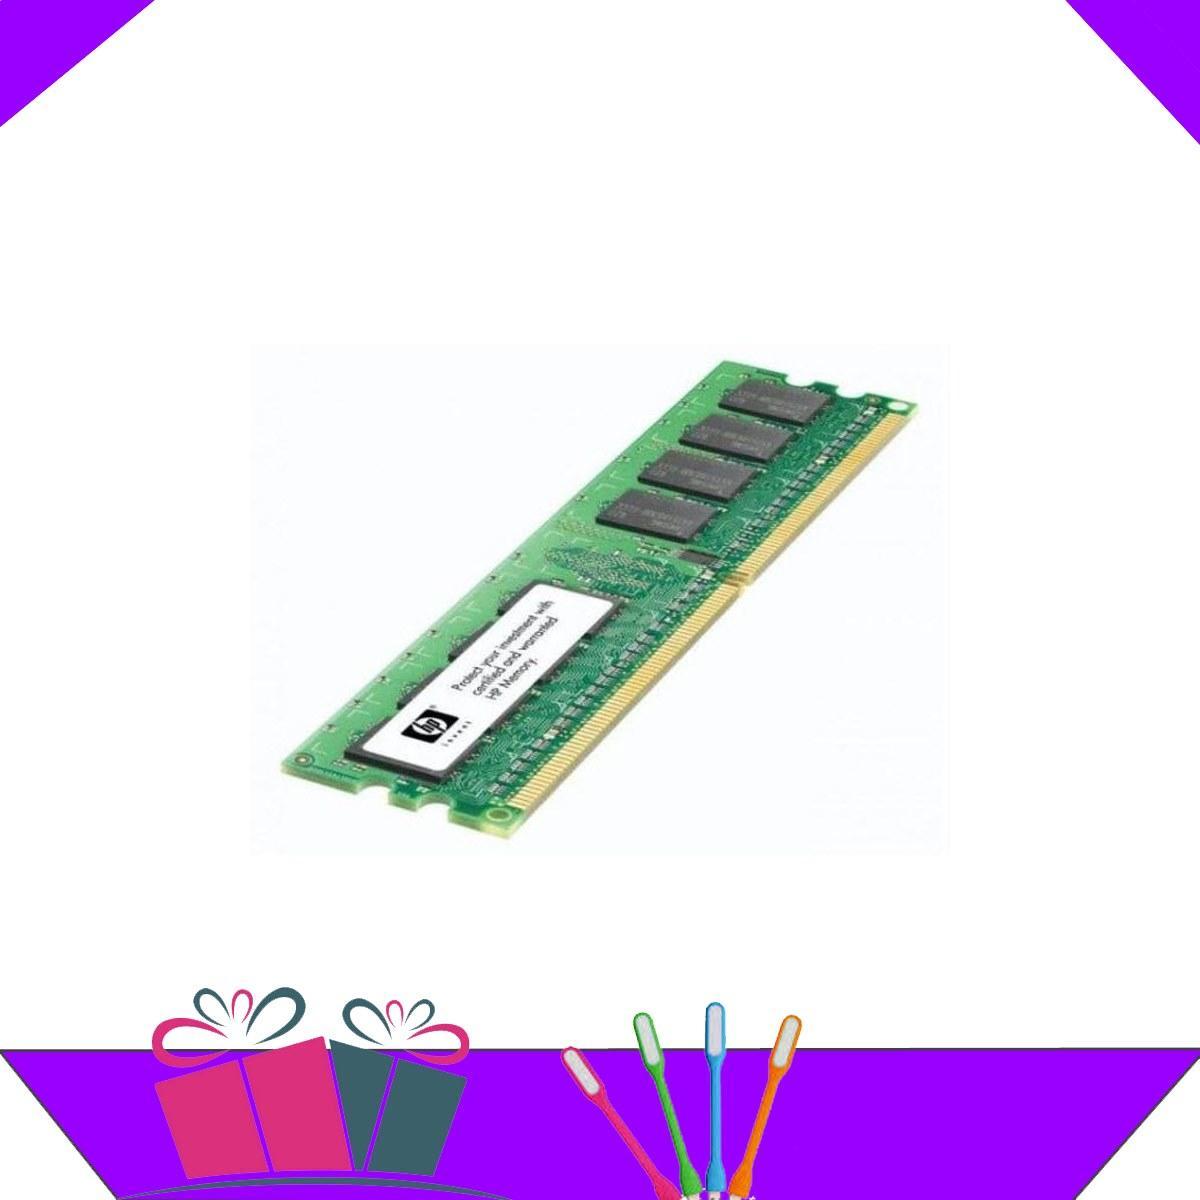 Ram Dành Cho Máy Tính Bàn DDR PC HP 2GB, DDR 2, Bus 1333Mhz Tản Nhiệt Tốt